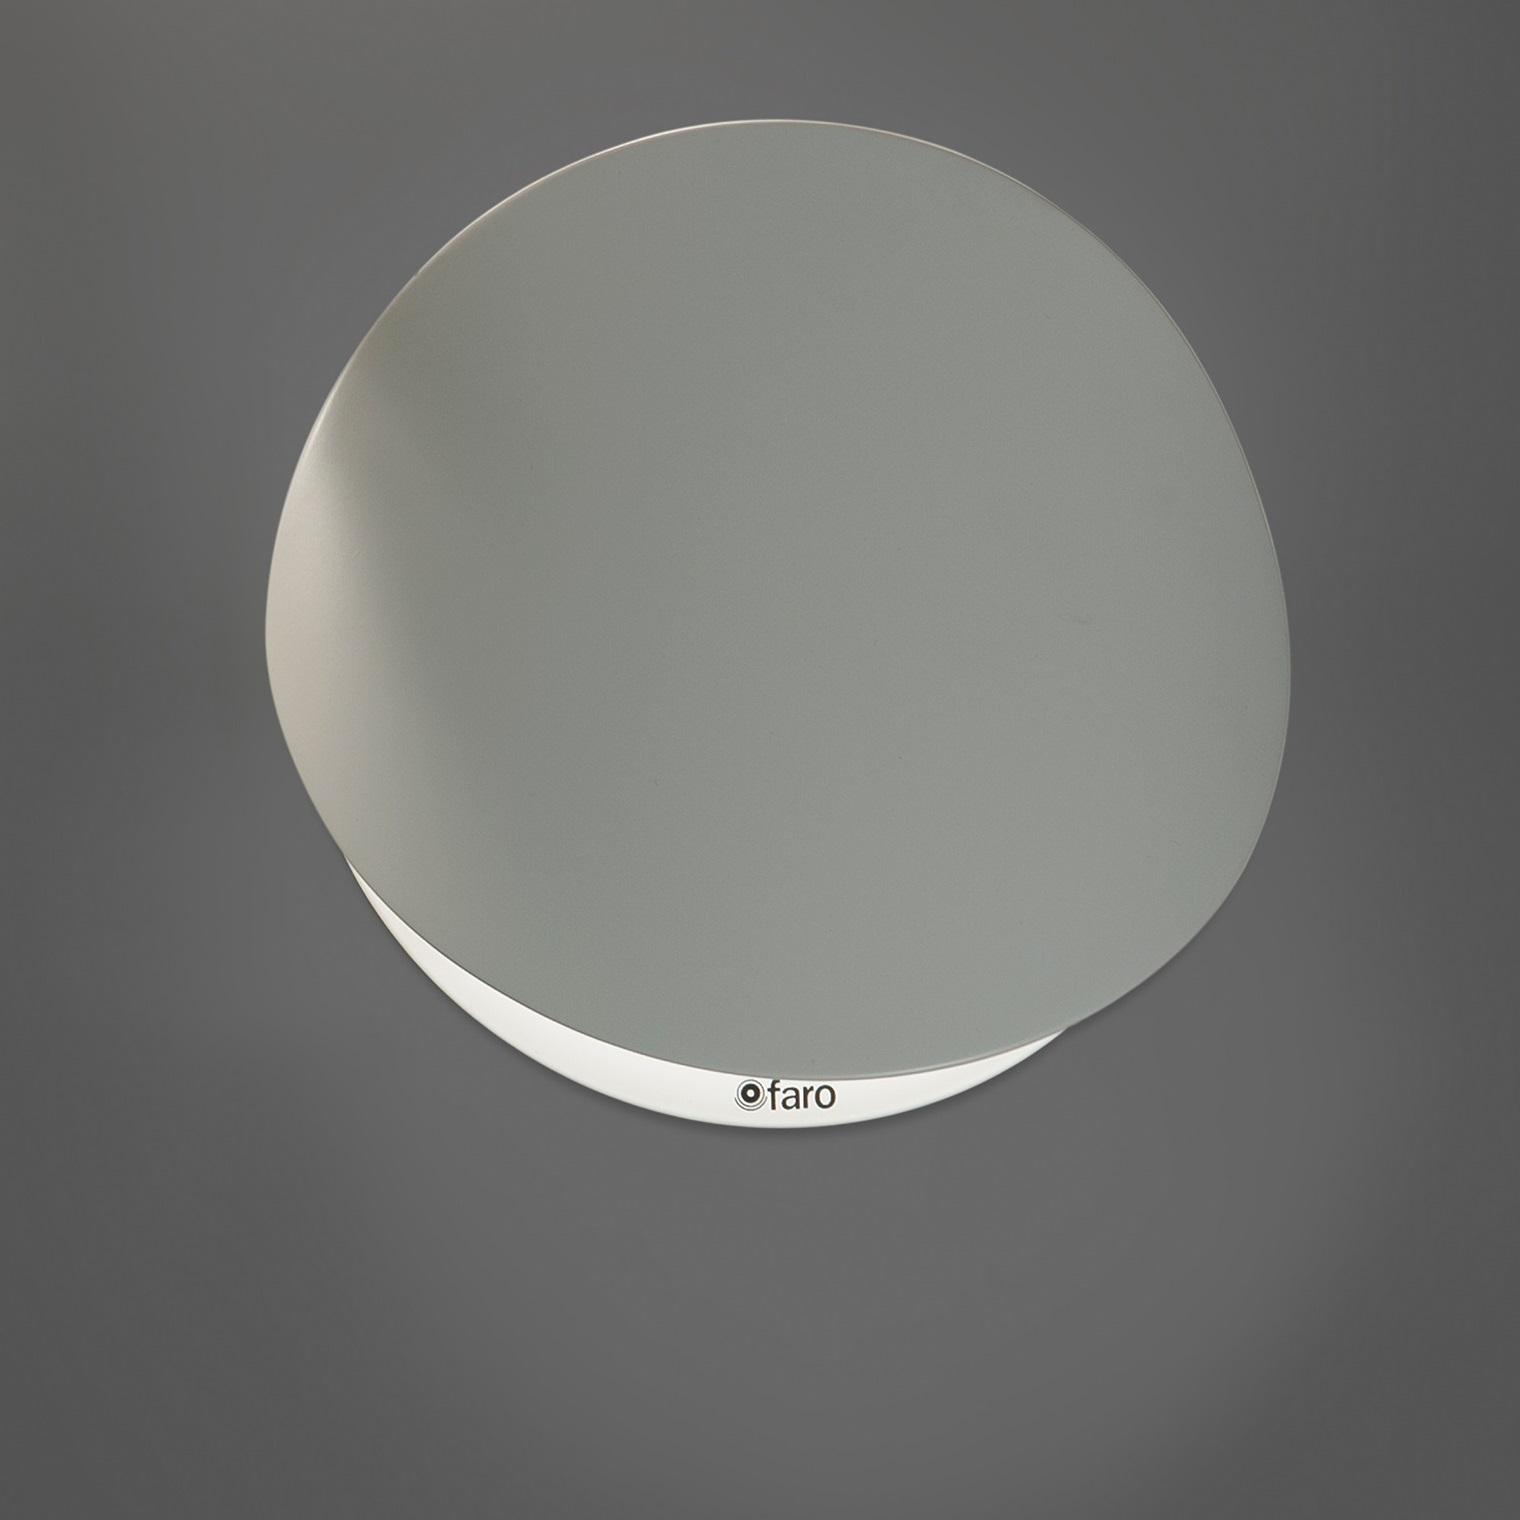 Applique murale ovo blanc 19cm faro luminaires nedgis for Applique murale exterieure faro